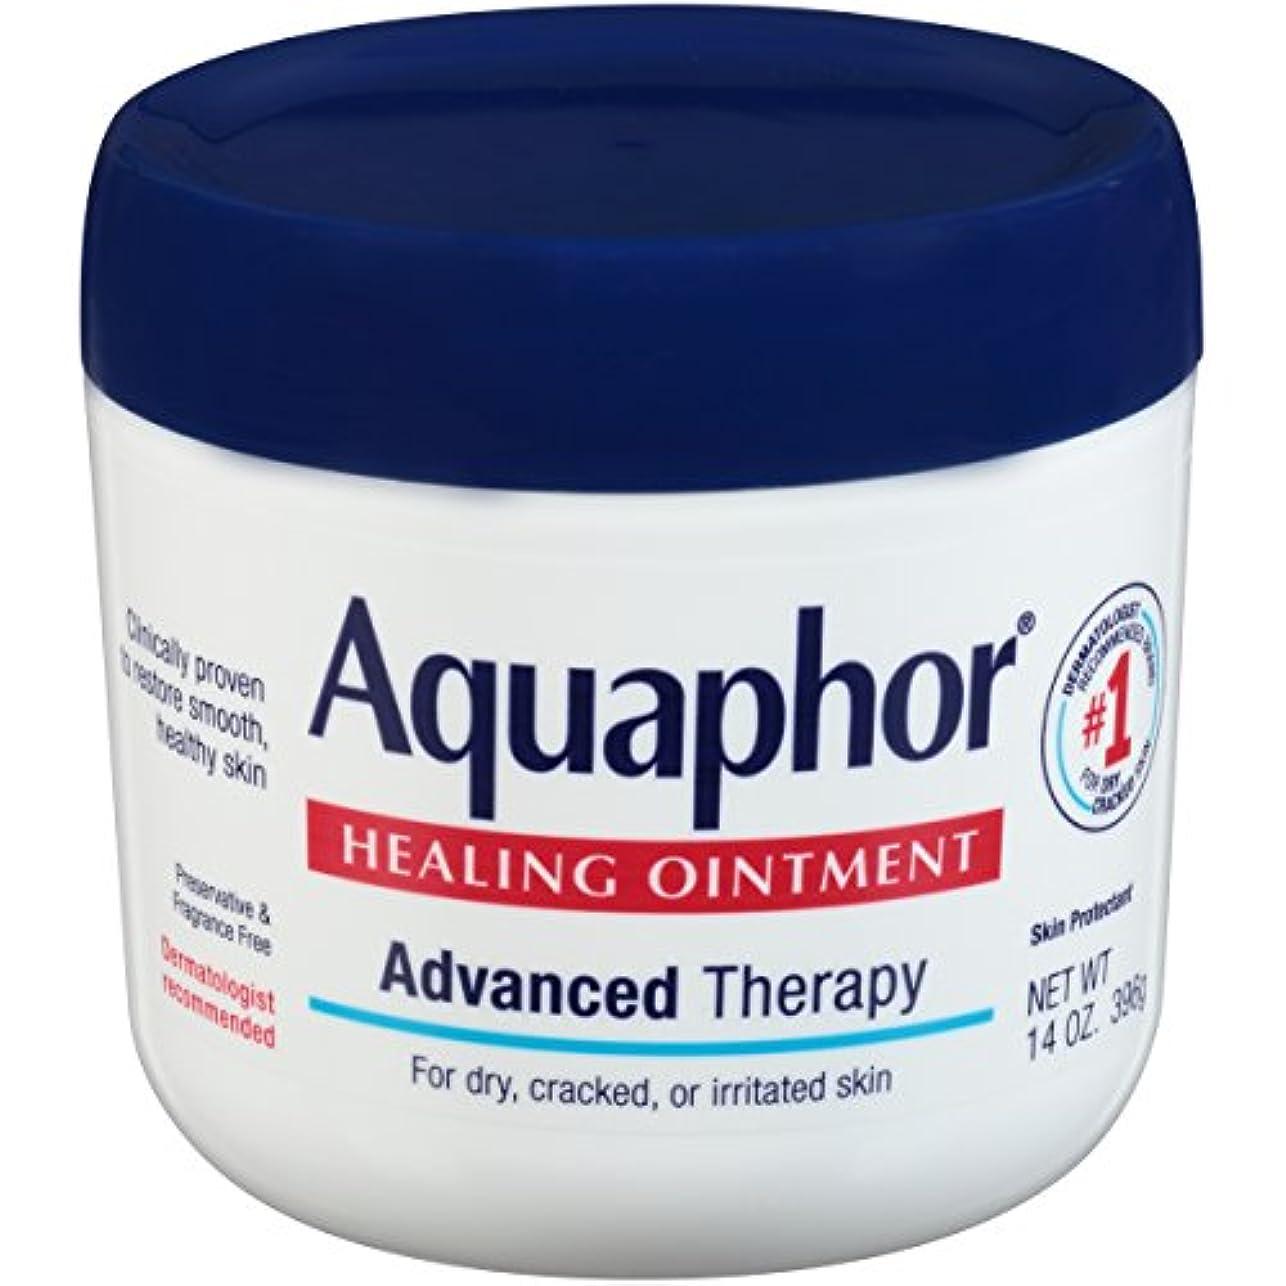 ハンドブック衣服ハンドブック海外直送品Aquaphor Advanced Therapy Healing Ointment, 14 oz by Aquaphor